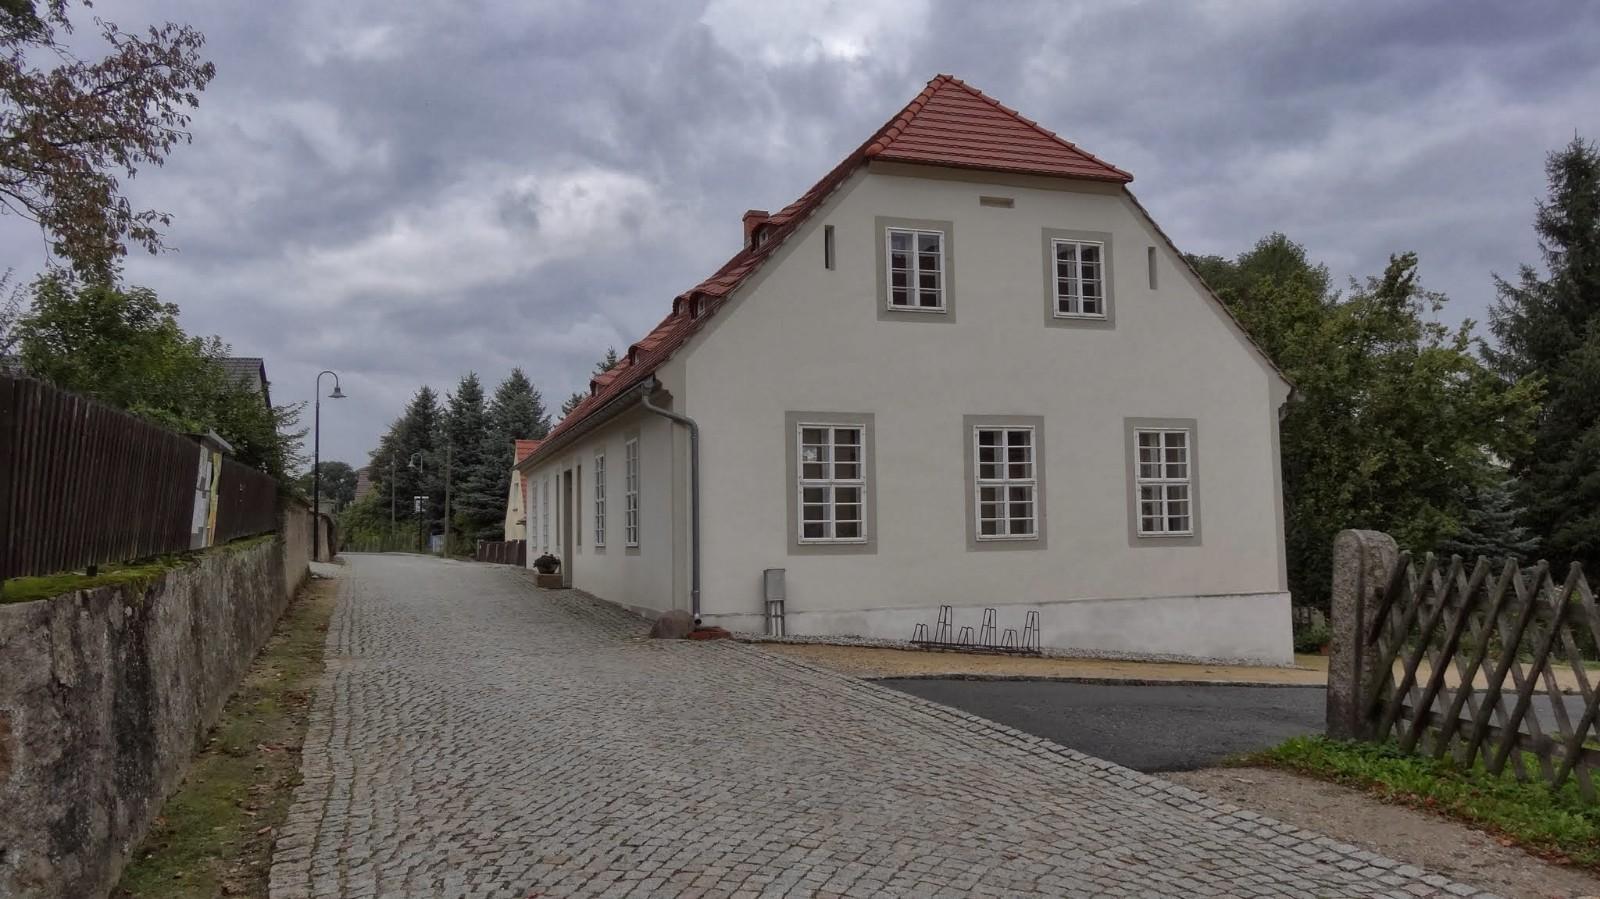 Herberge in Buchholz (alte Schule)